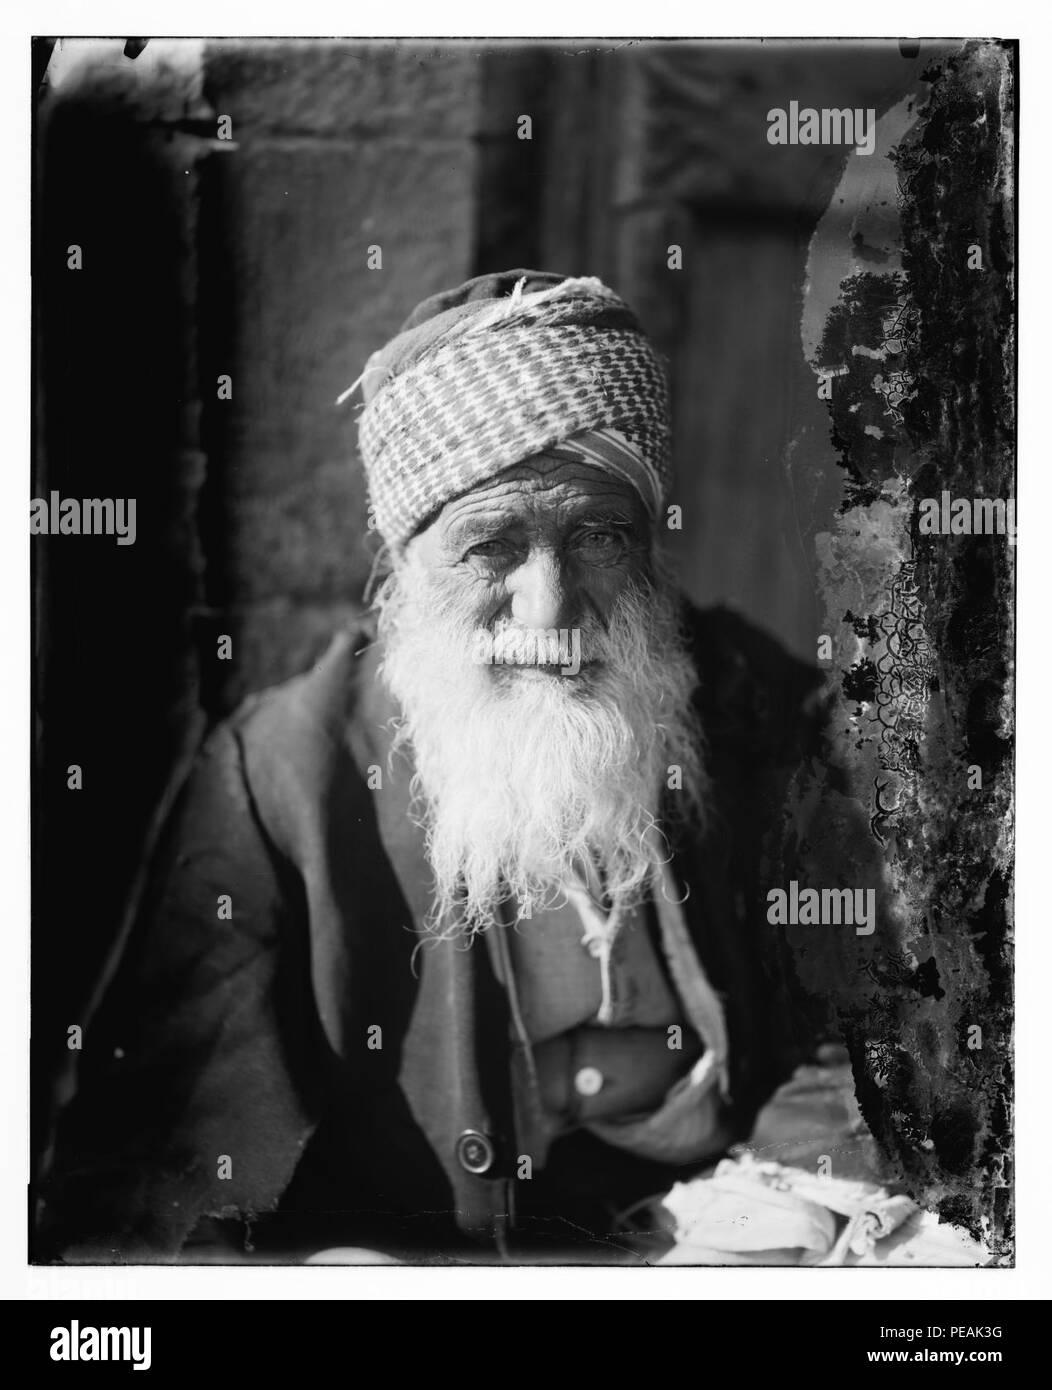 Arab Jew from Yemen - Stock Image